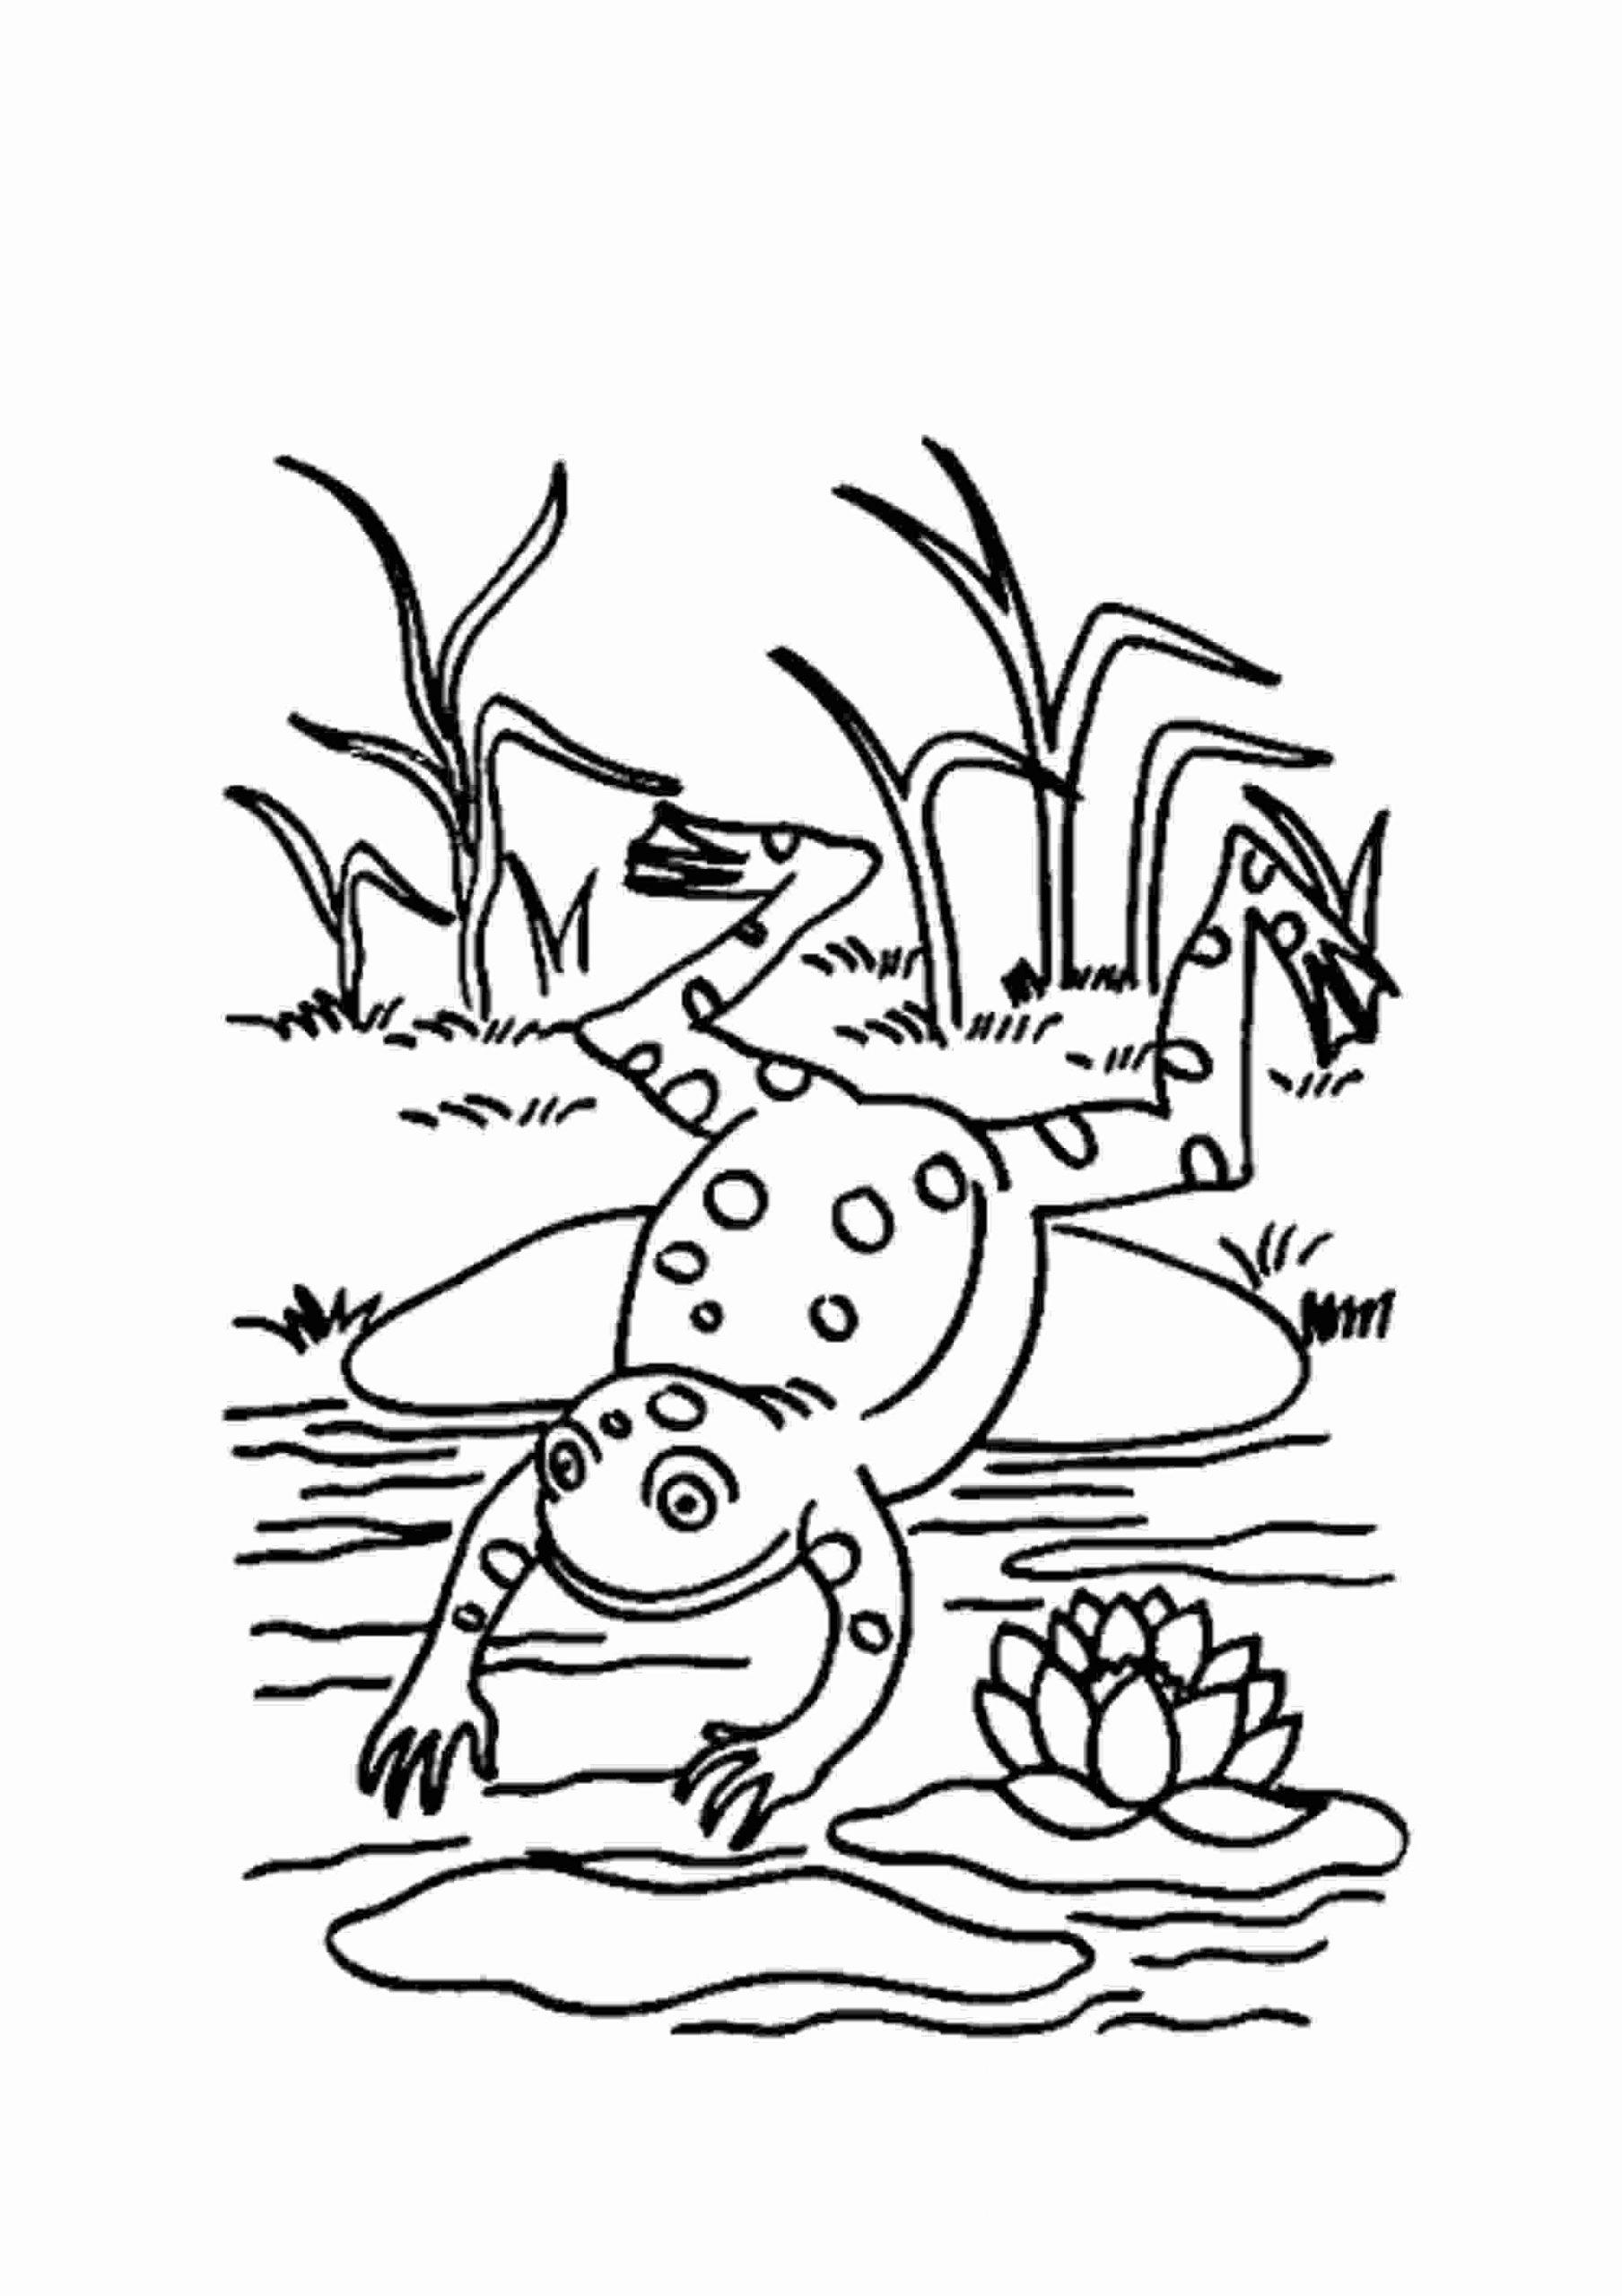 Malvorlagen Fur Kinder Ausmalbilder Frosch Kostenlos Page Of bestimmt für Kinderausmalbilder